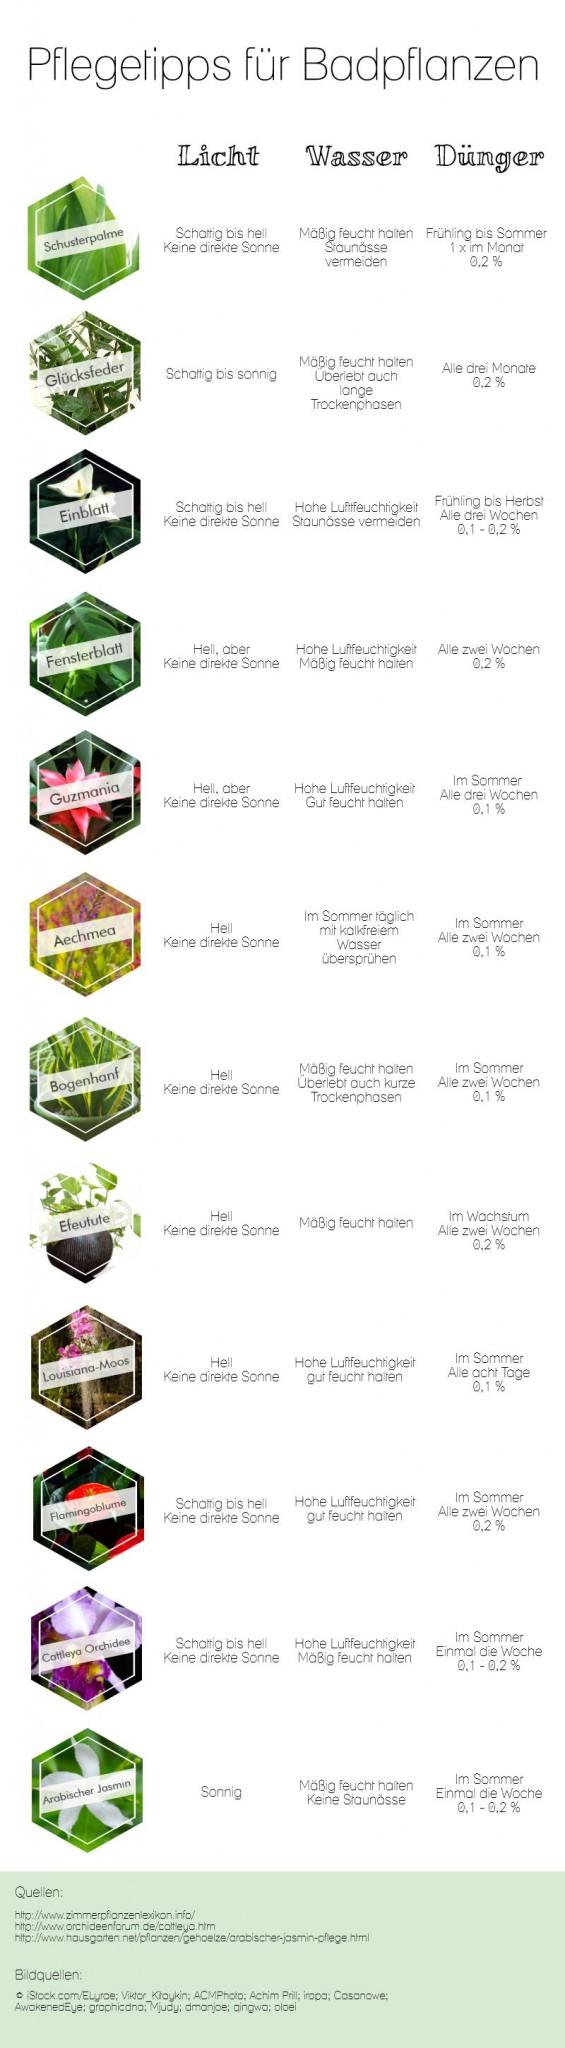 Infografik Pflege von Badpflanzen